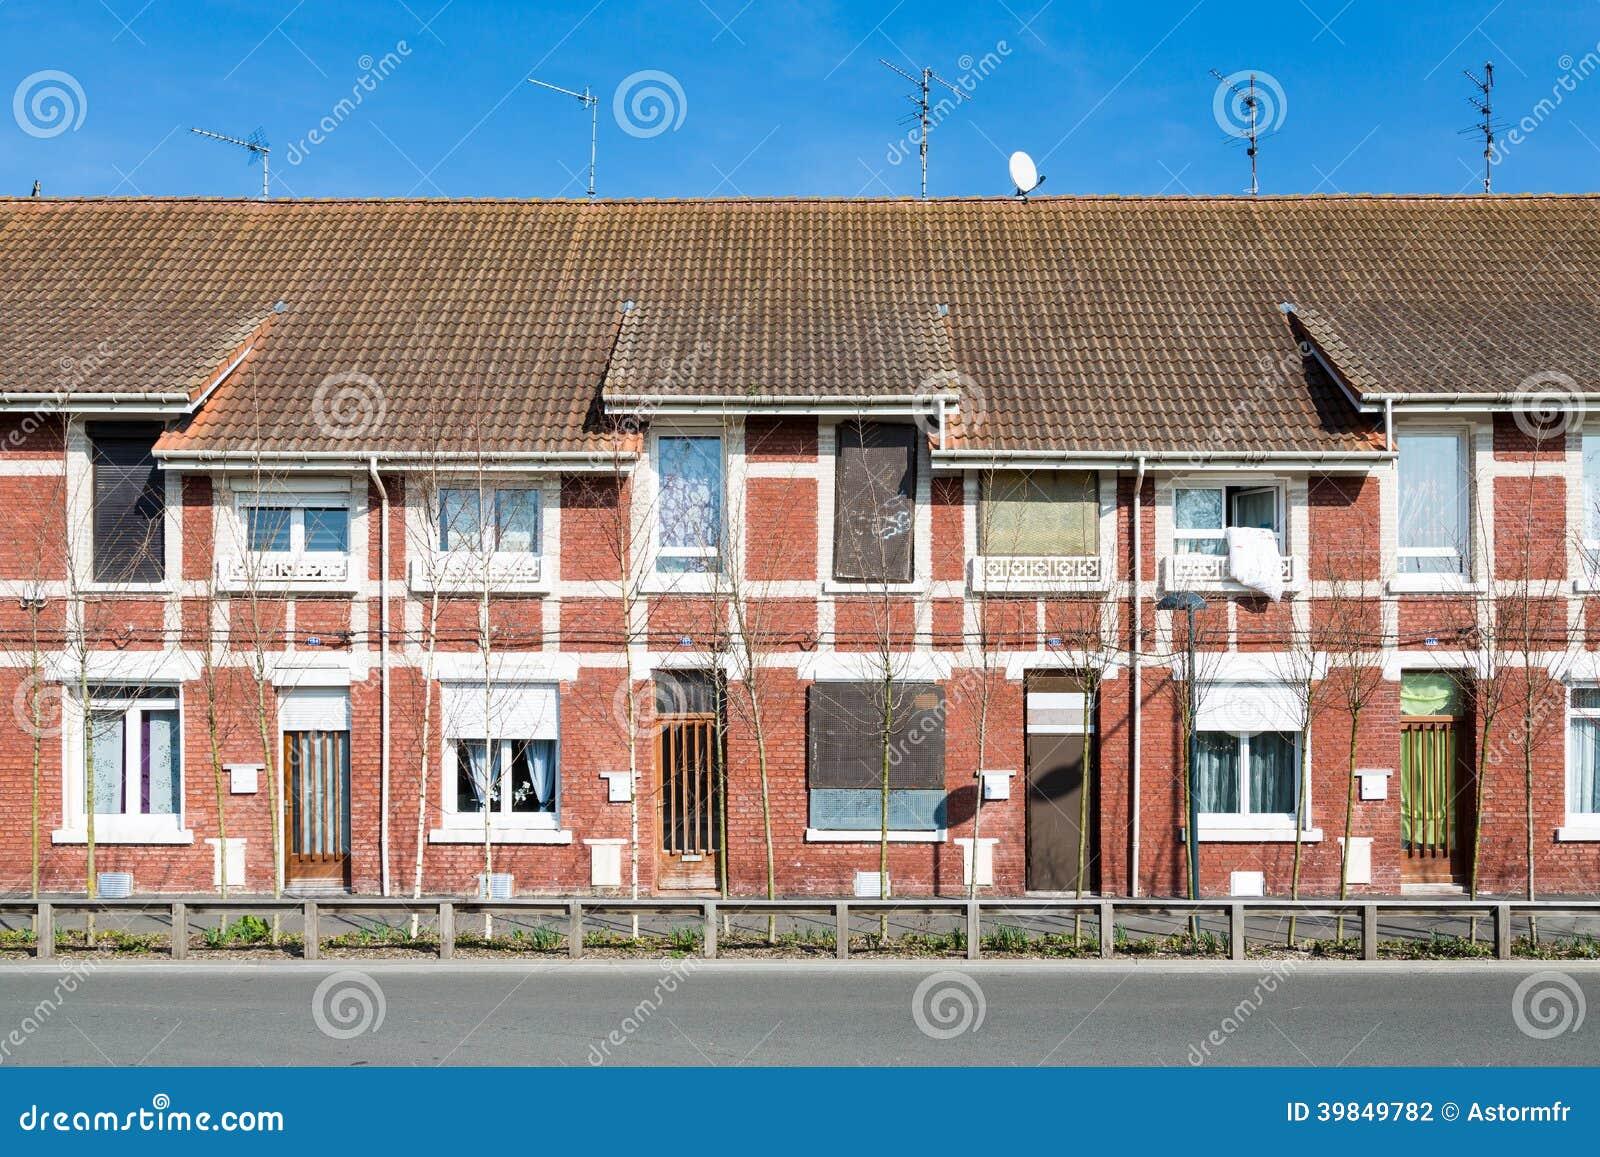 Maisons De Brique Rouge Dans Les Frances Photo Stock   Image Du Mêmes,  Identique: 39849782